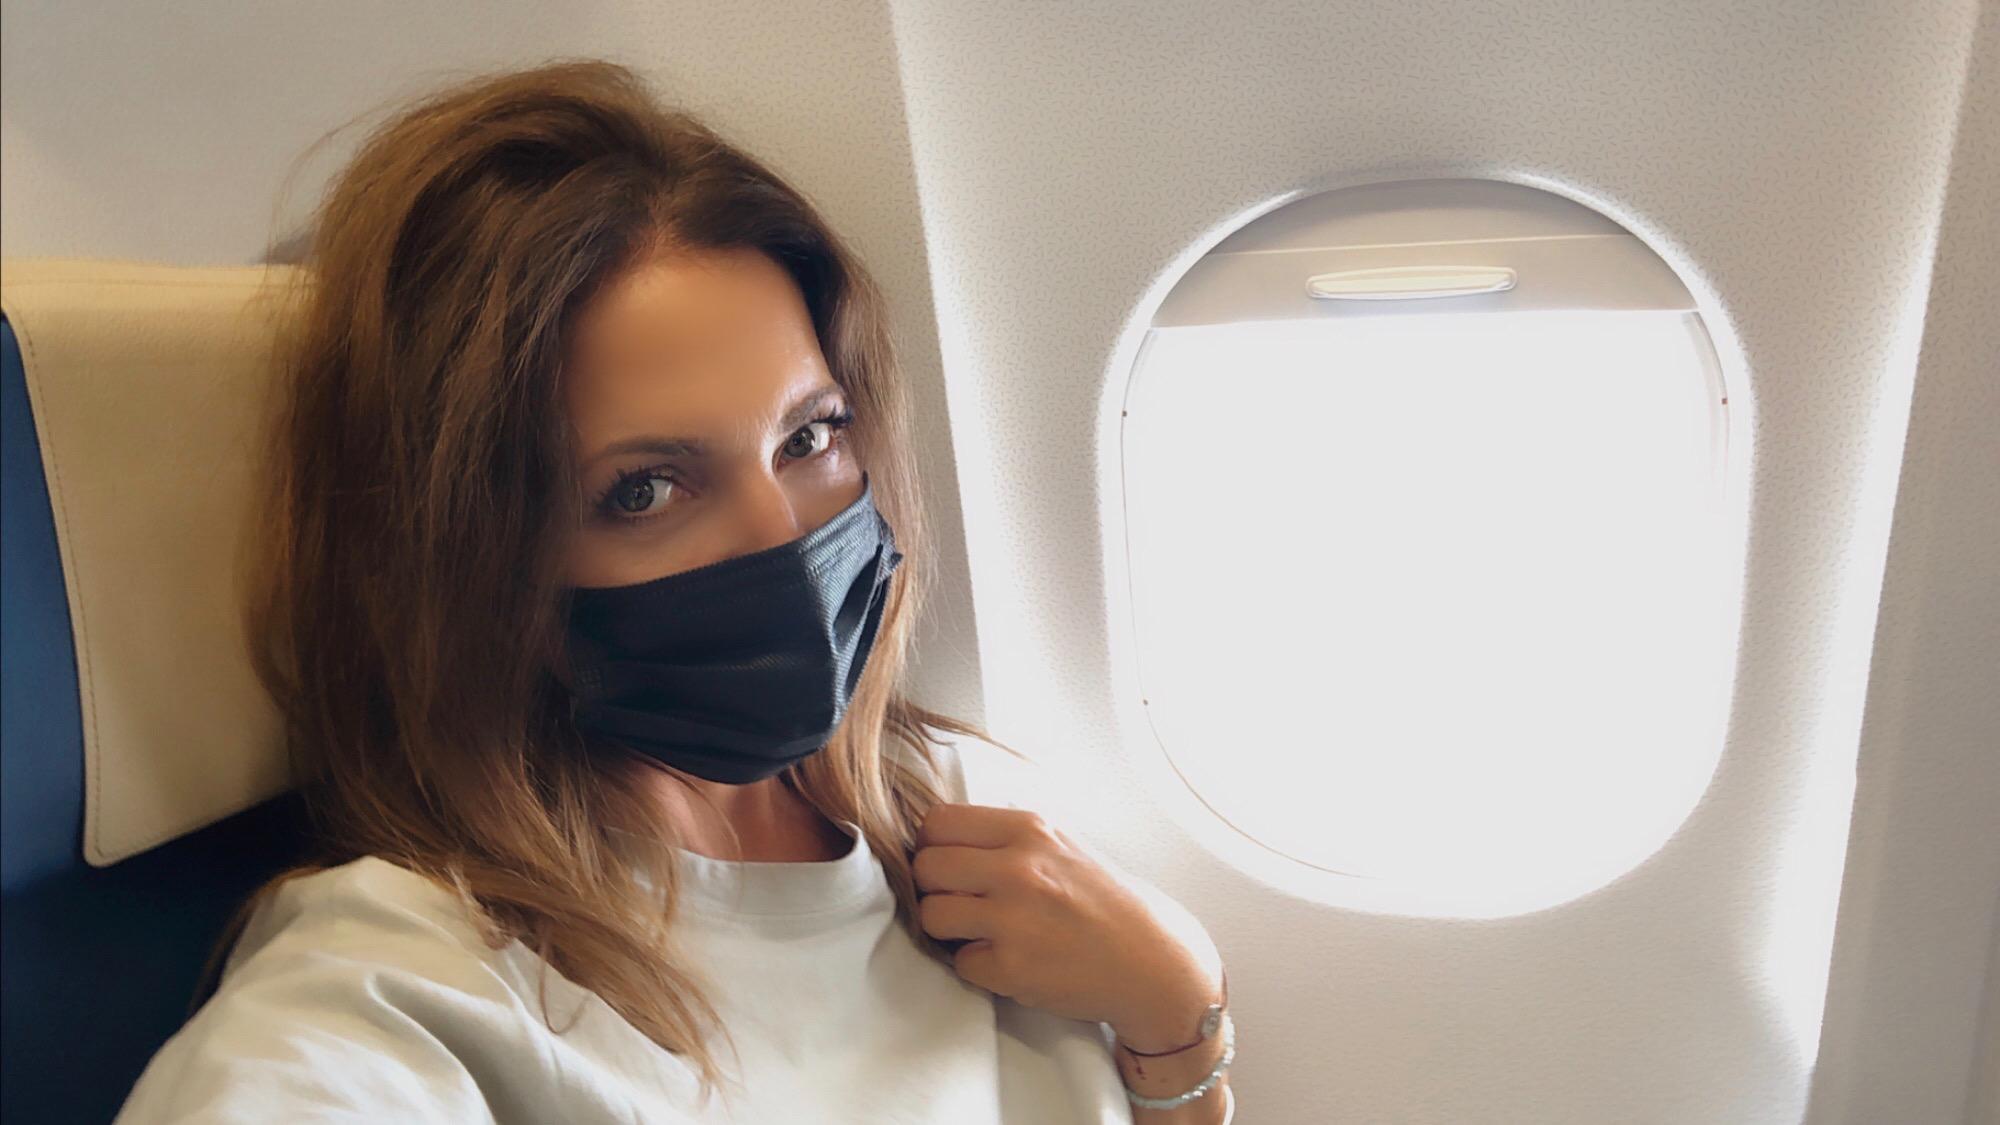 Maskenpflicht Flugzeug Reisen nach Lockdown Annaway